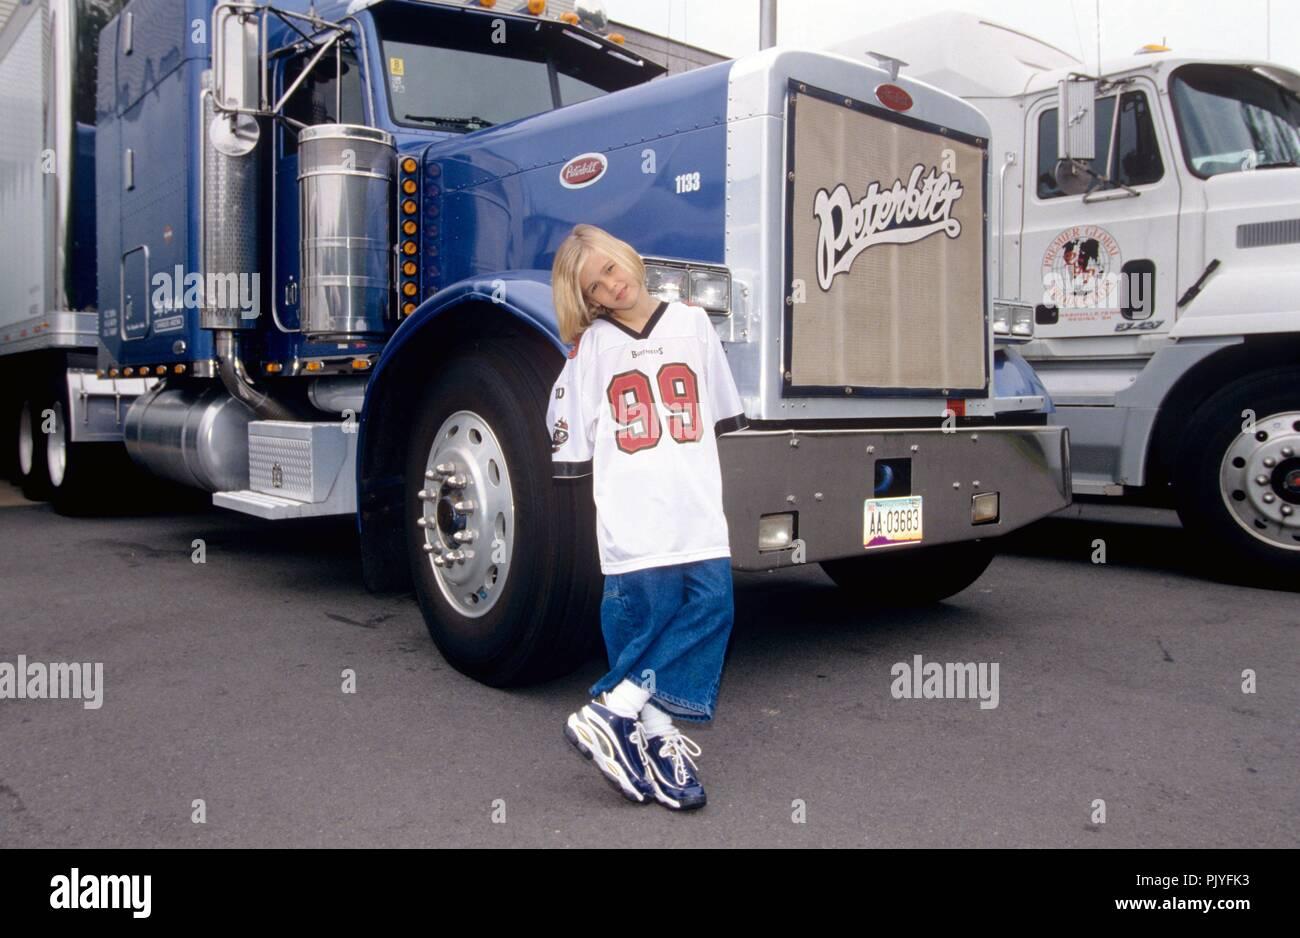 Aaron Carter on 15.07.1998 in Washington. | usage worldwide - Stock Image